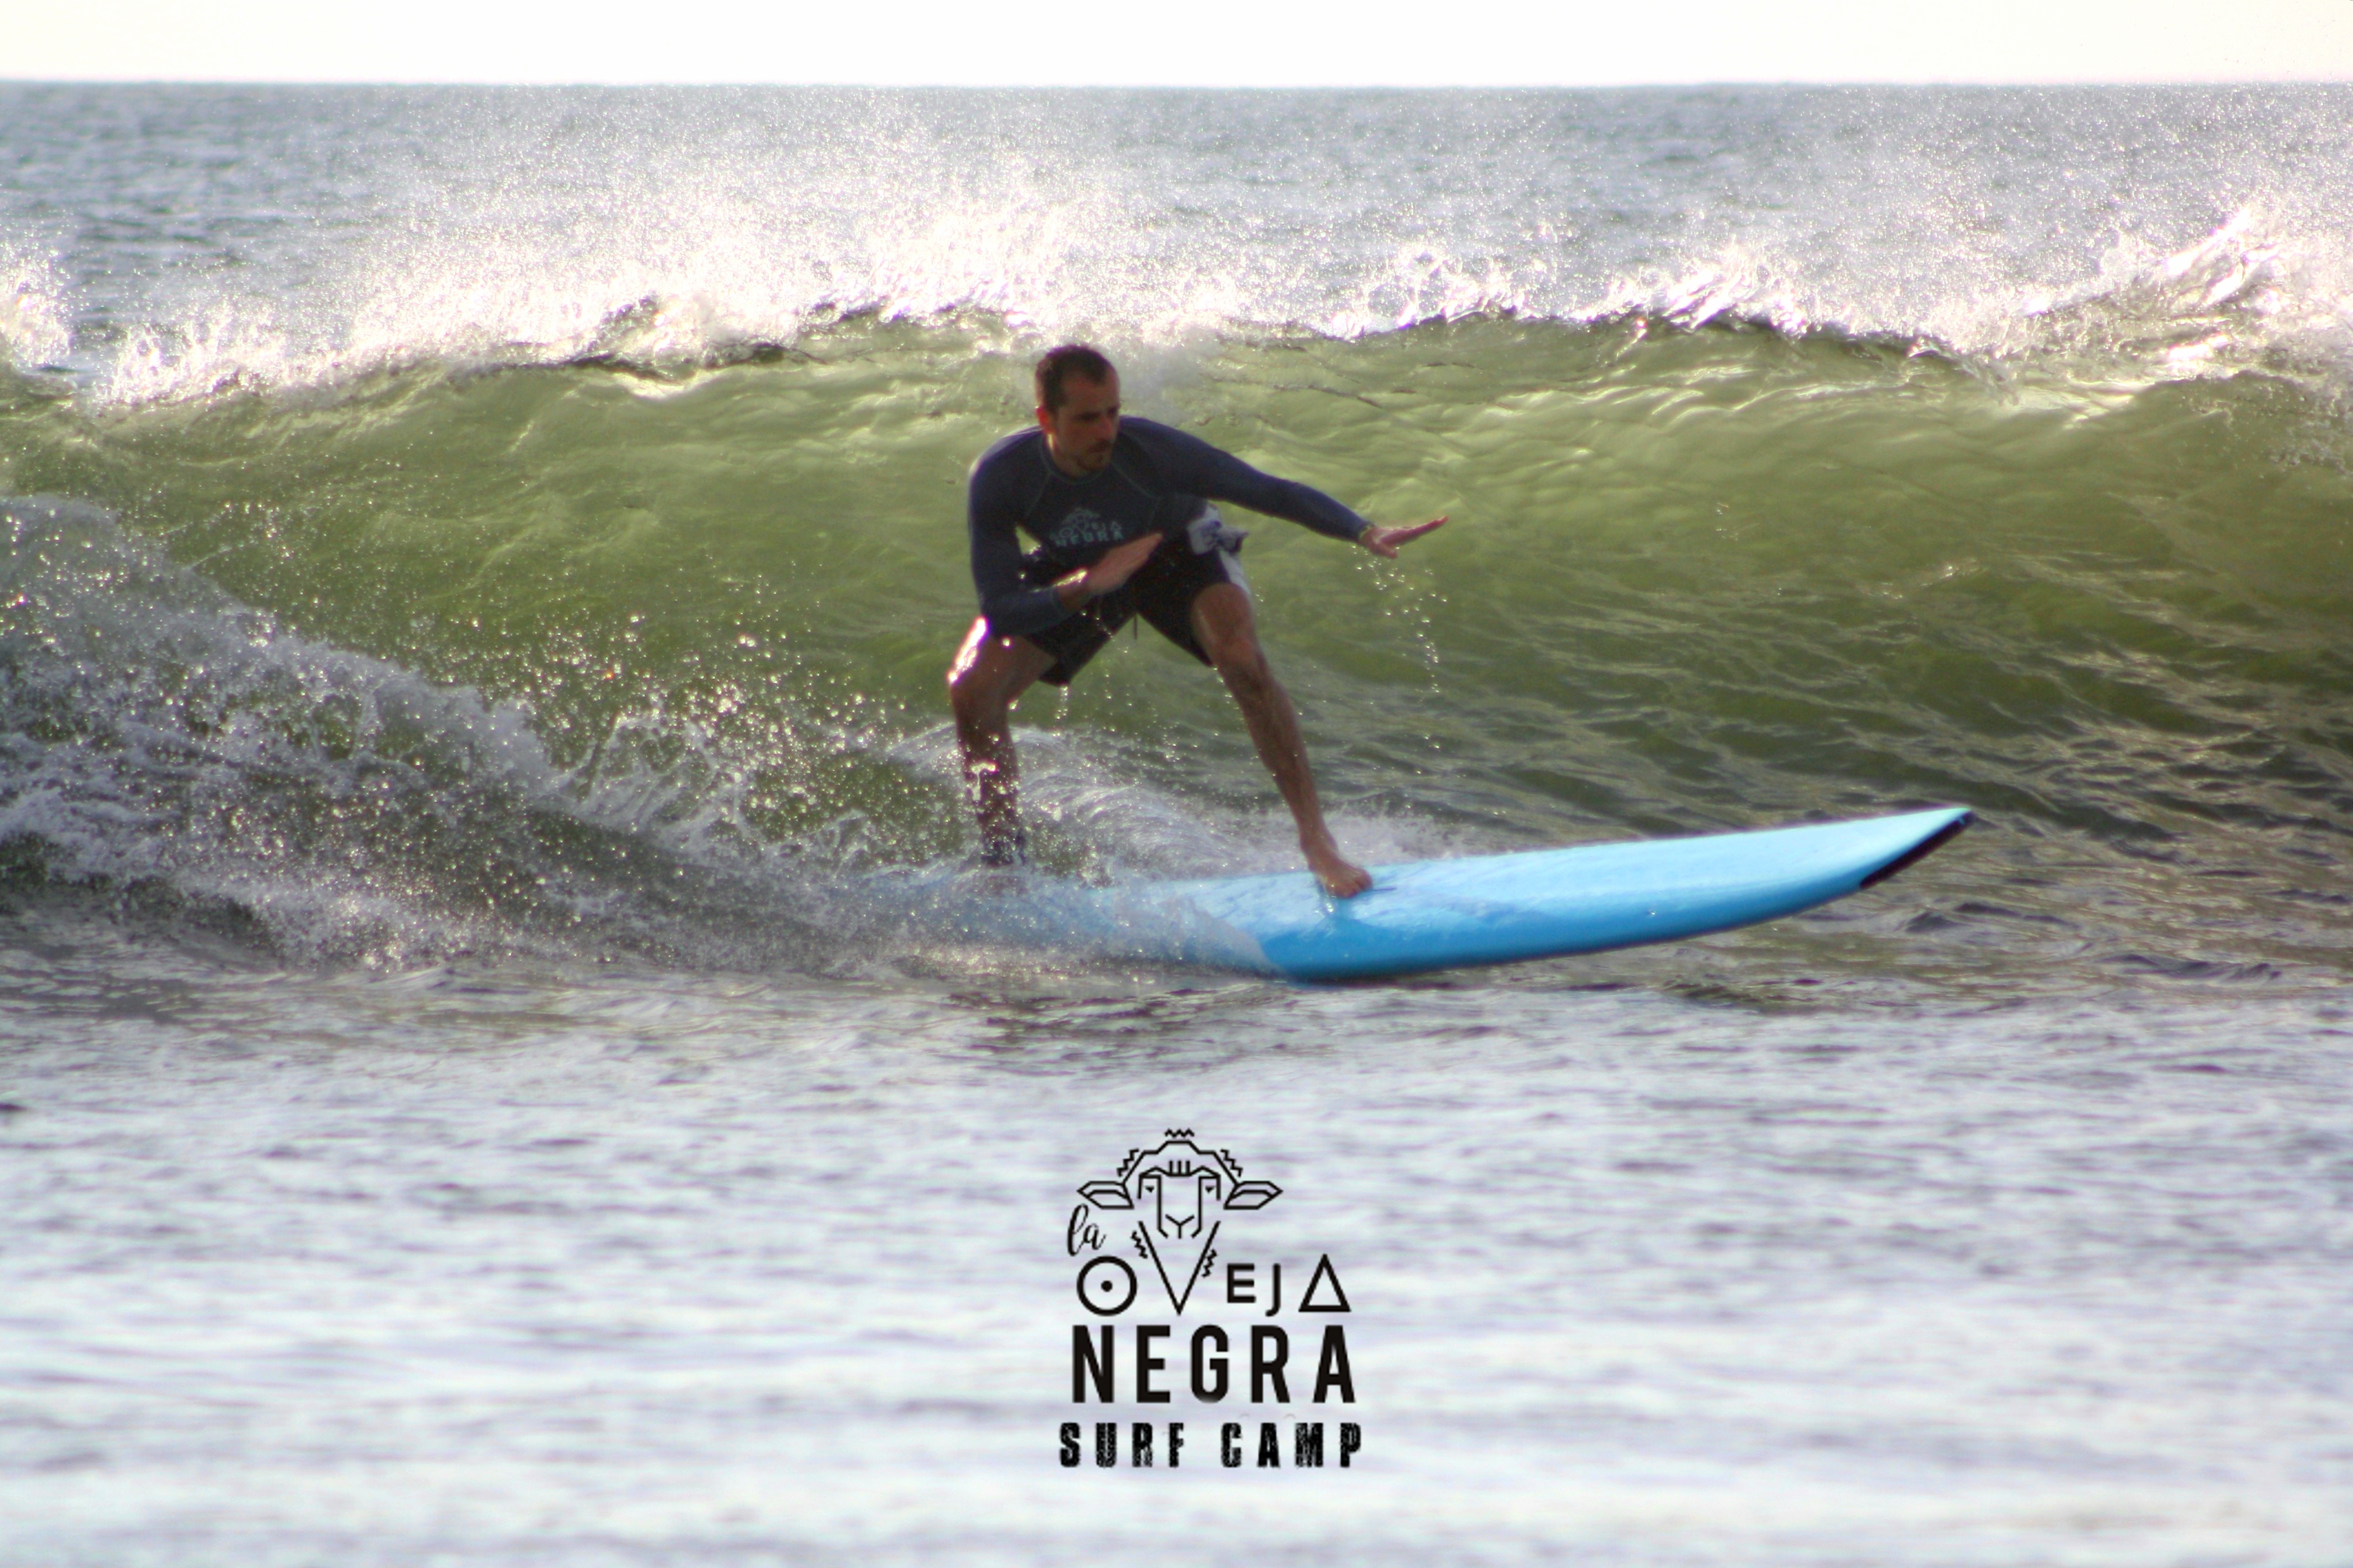 La Oveja Negra Tamarindo Surf Camp Costa Rica